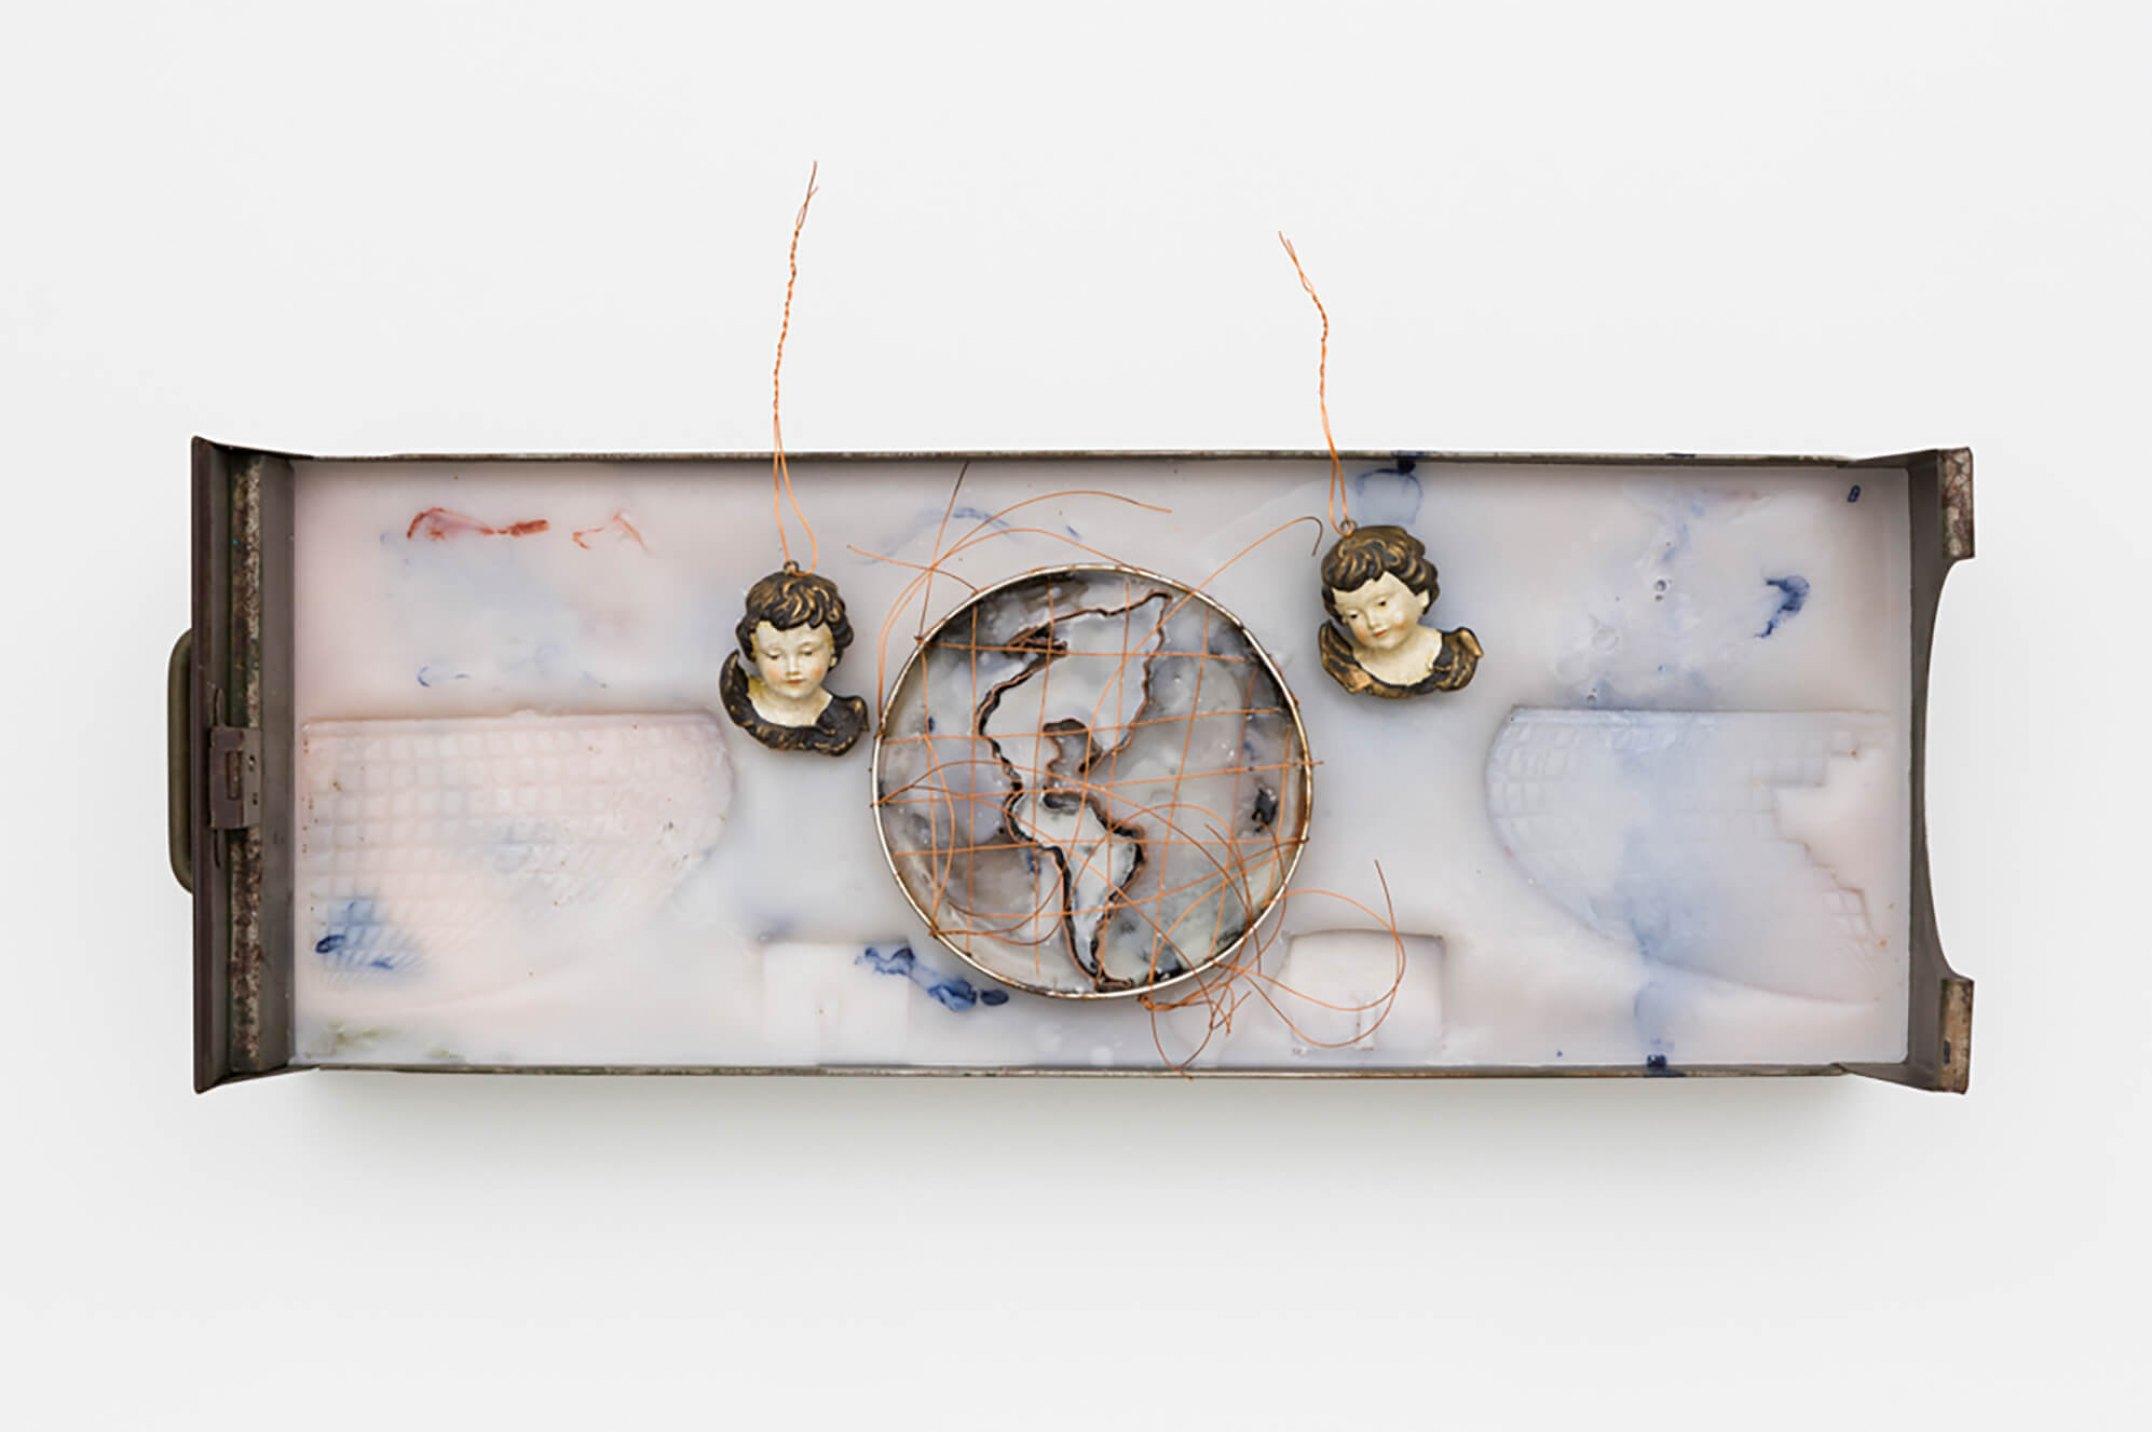 Anna Bella Geiger,&nbsp;<em>Orbis Descriptio com Américas e dois ventos,</em>&nbsp;1999, iron file drawer, encaustic, sheets and wire of copper, pigment and ceramic, 9,5&nbsp;×&nbsp;59,5&nbsp;×&nbsp;6,5 cm - Mendes Wood DM